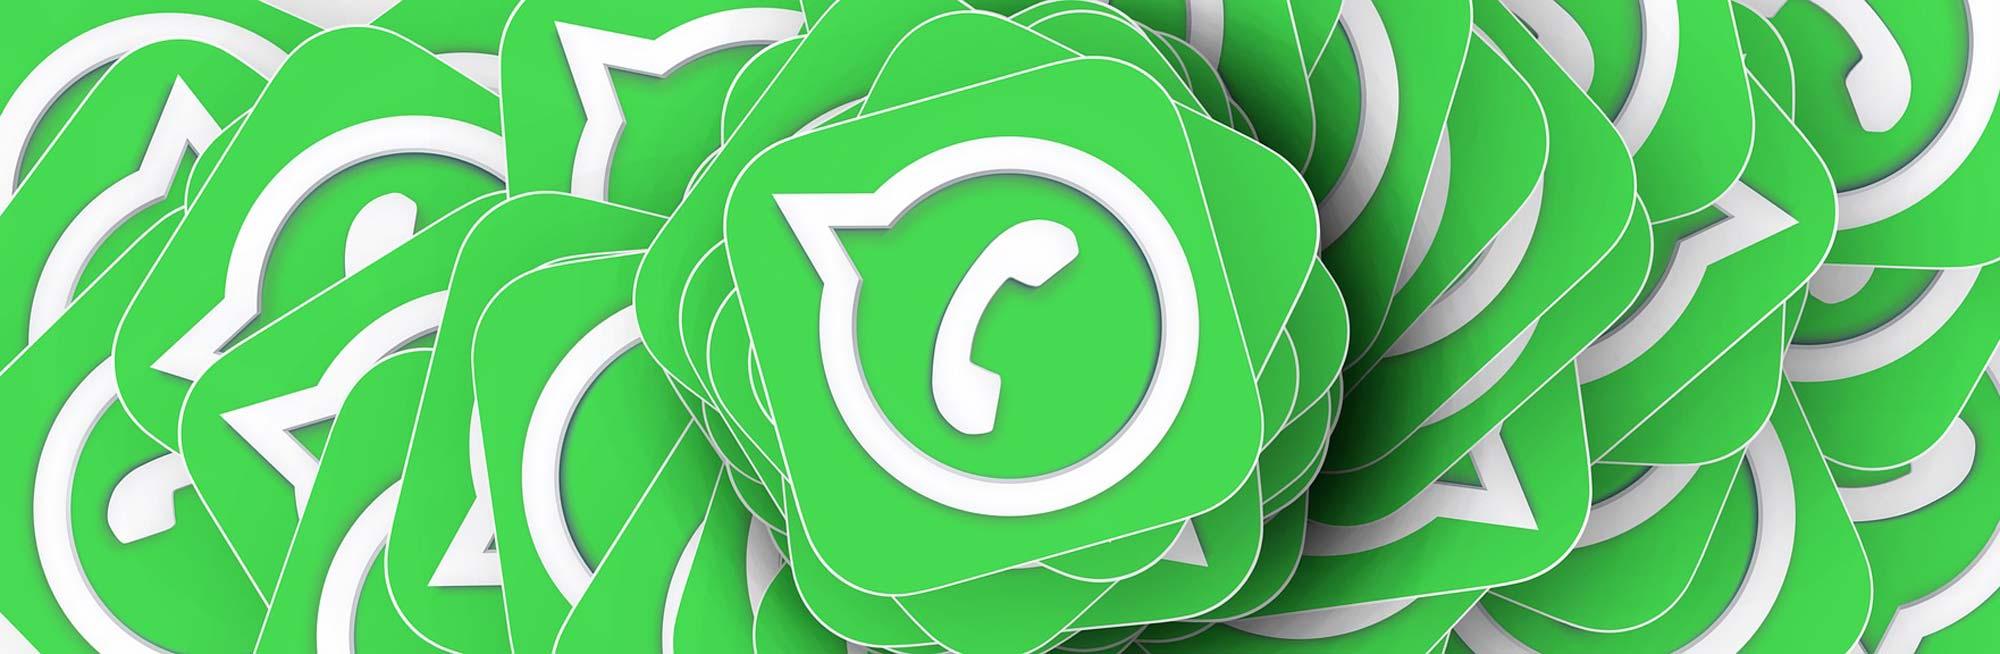 WhatsApp groep wordt nieuw leven ingeblazen